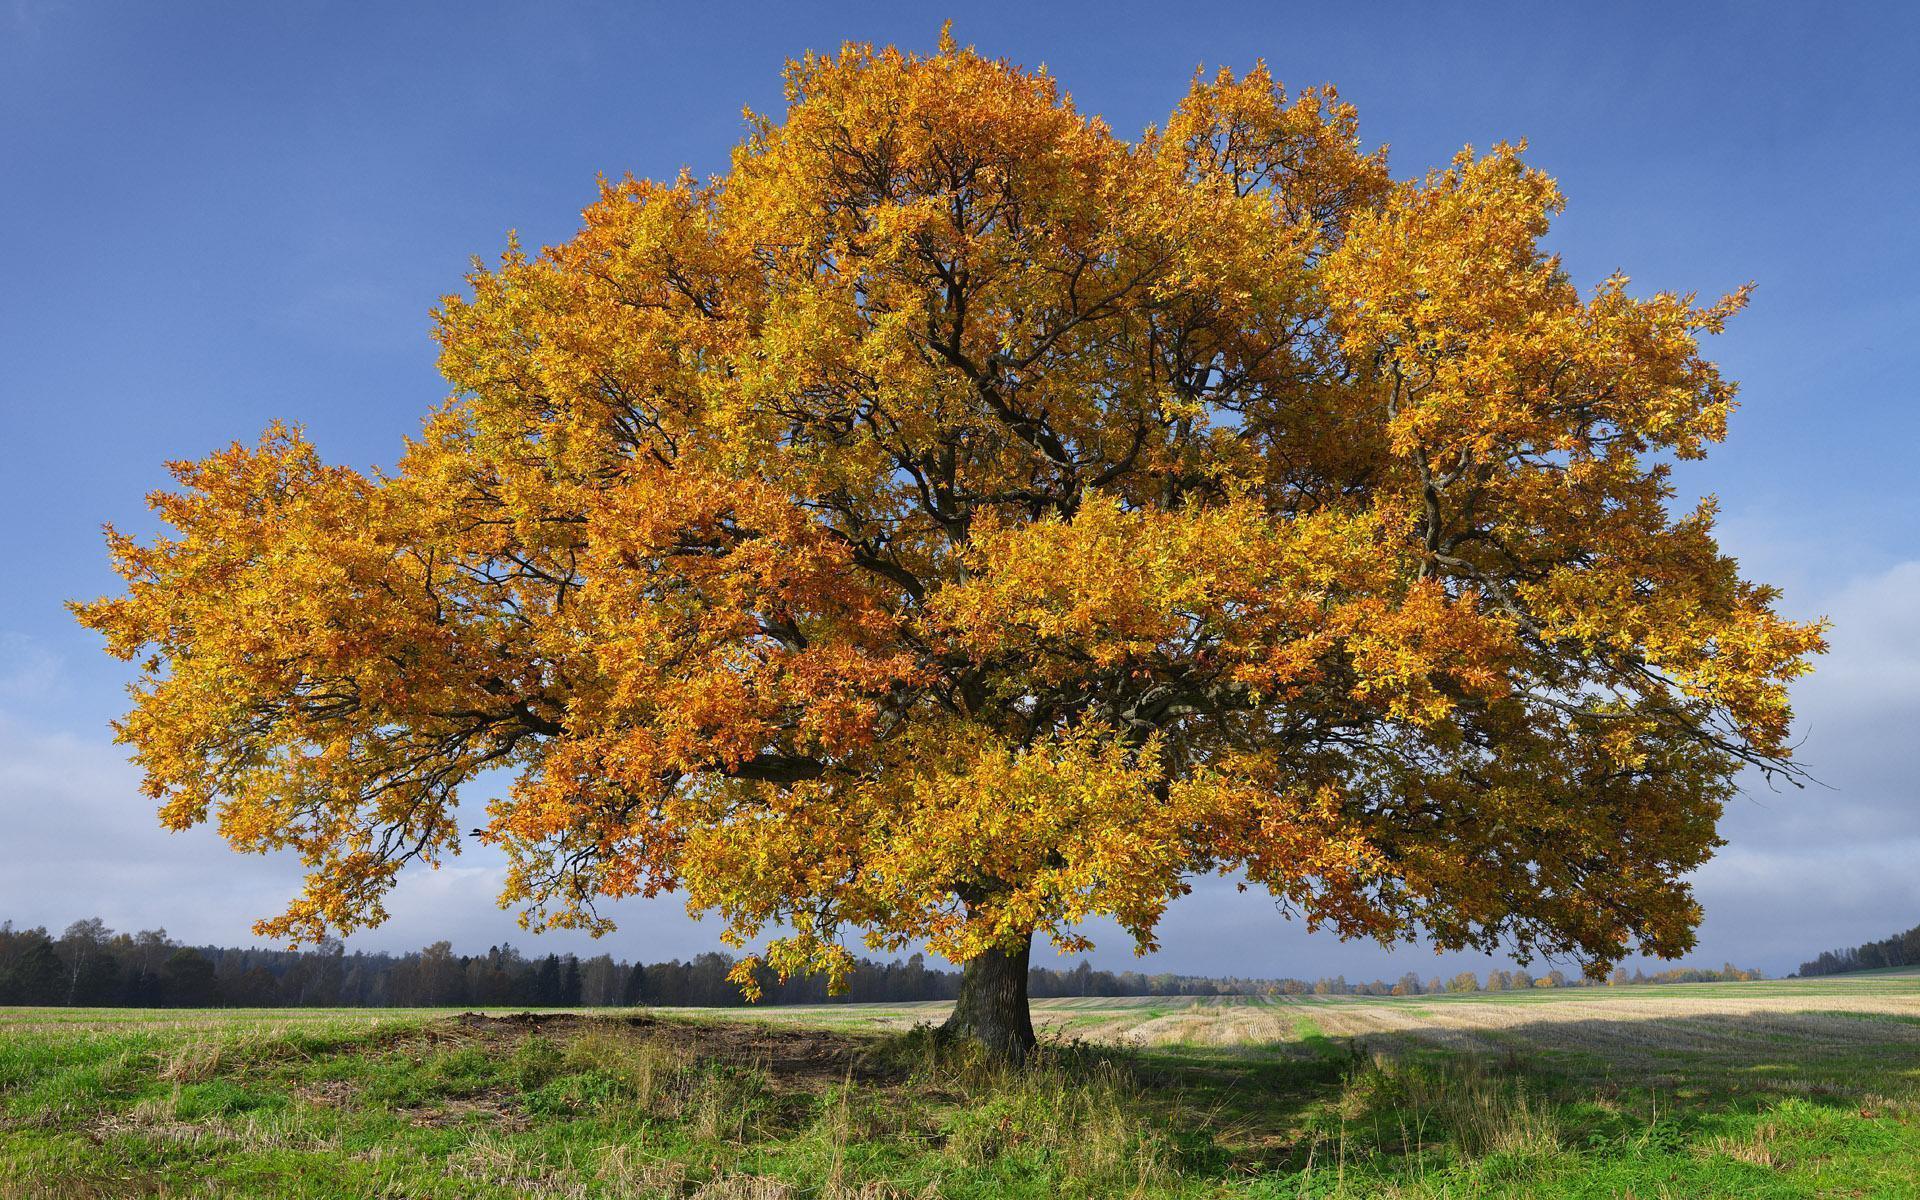 лео предлагает осенний дуб картинки бесплатно красивые картинки